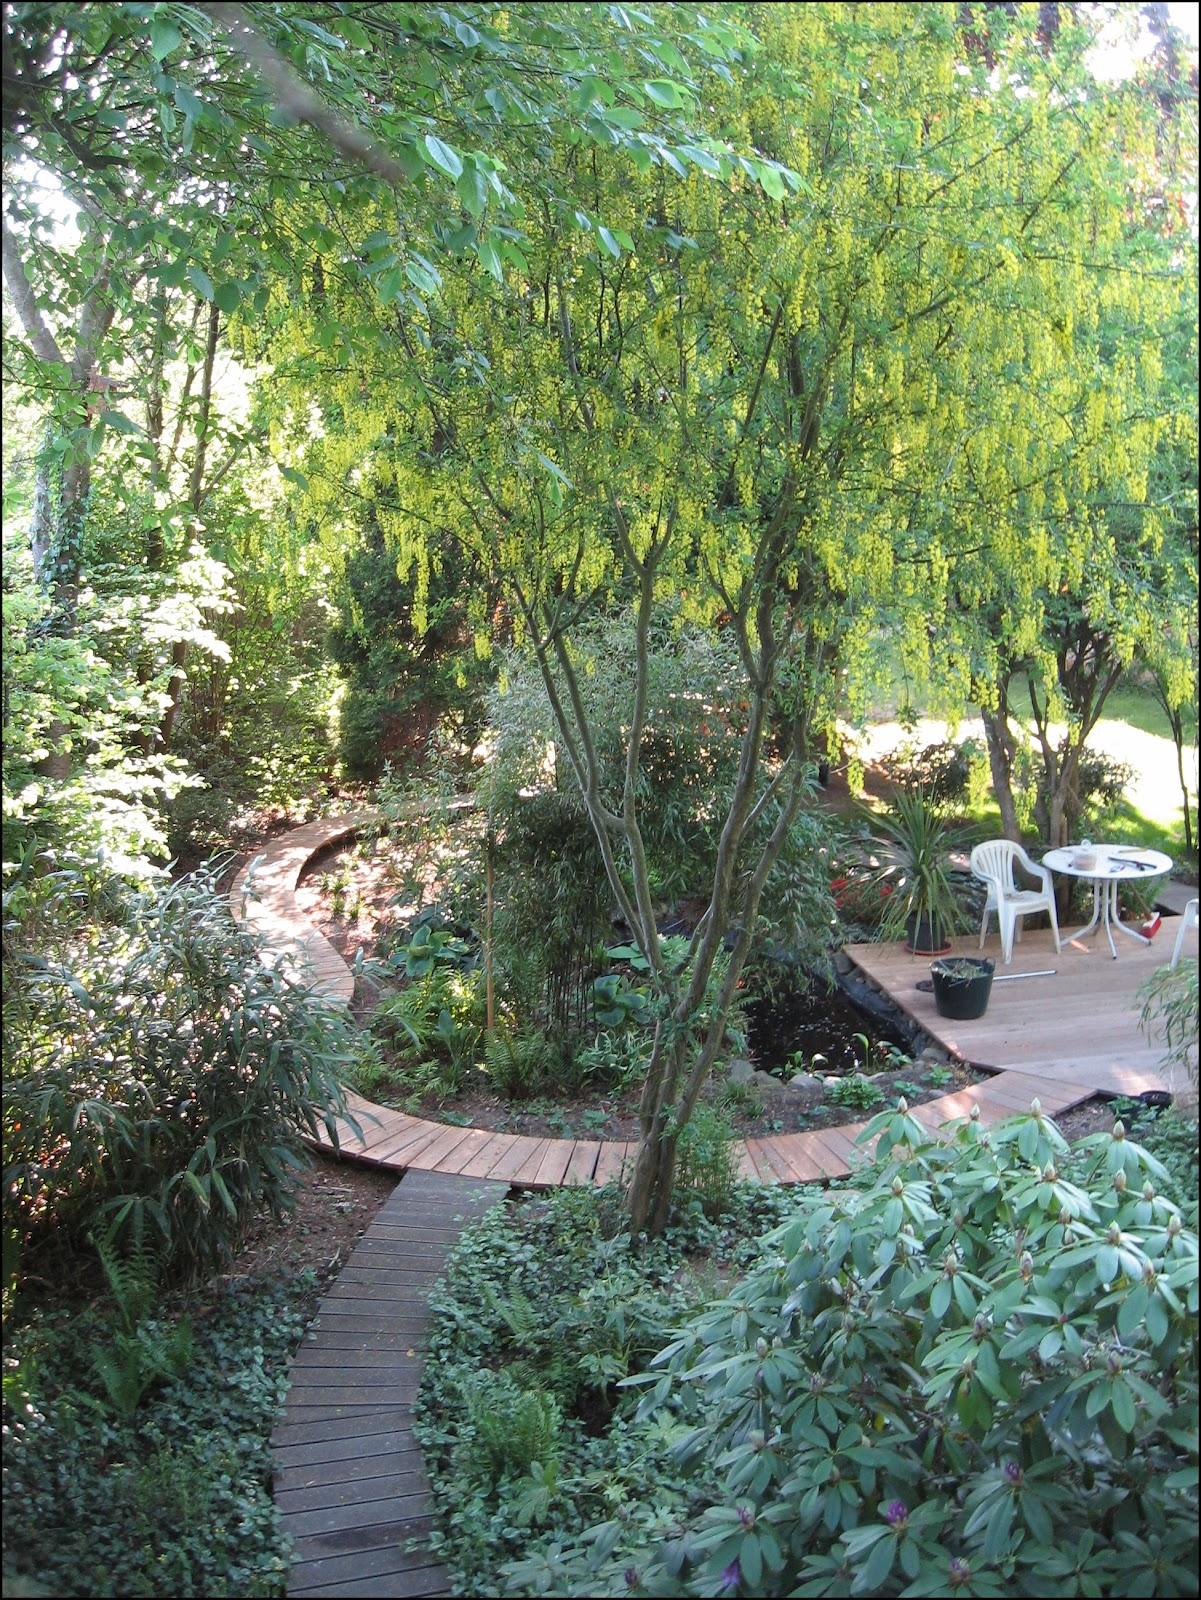 bambus kamelien yuccas best of 2011 bau der terrasse und des dschungelpfads. Black Bedroom Furniture Sets. Home Design Ideas